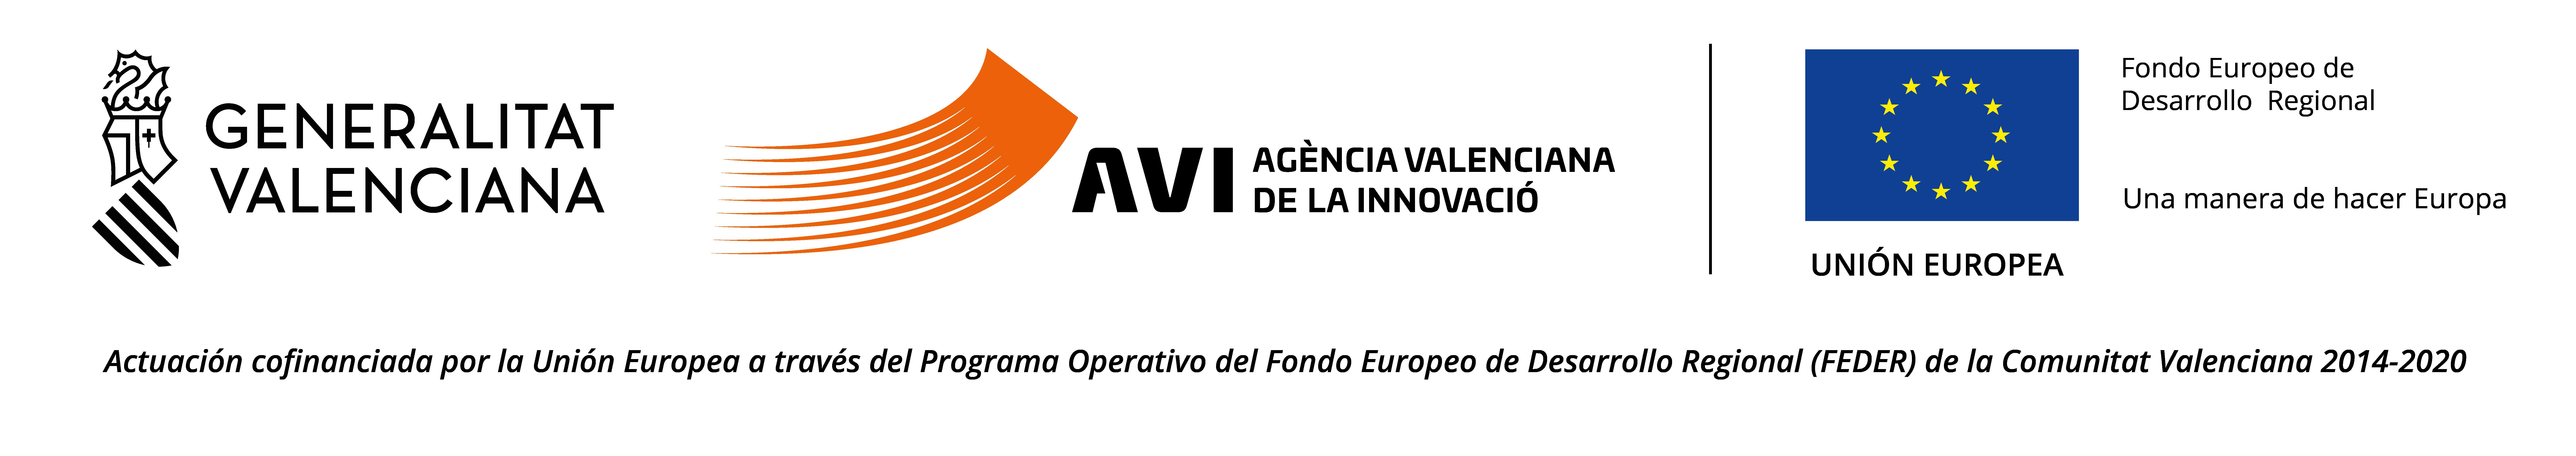 logo UE_FEDER_convivencia_AVI_Actuacion_horizontal_cas